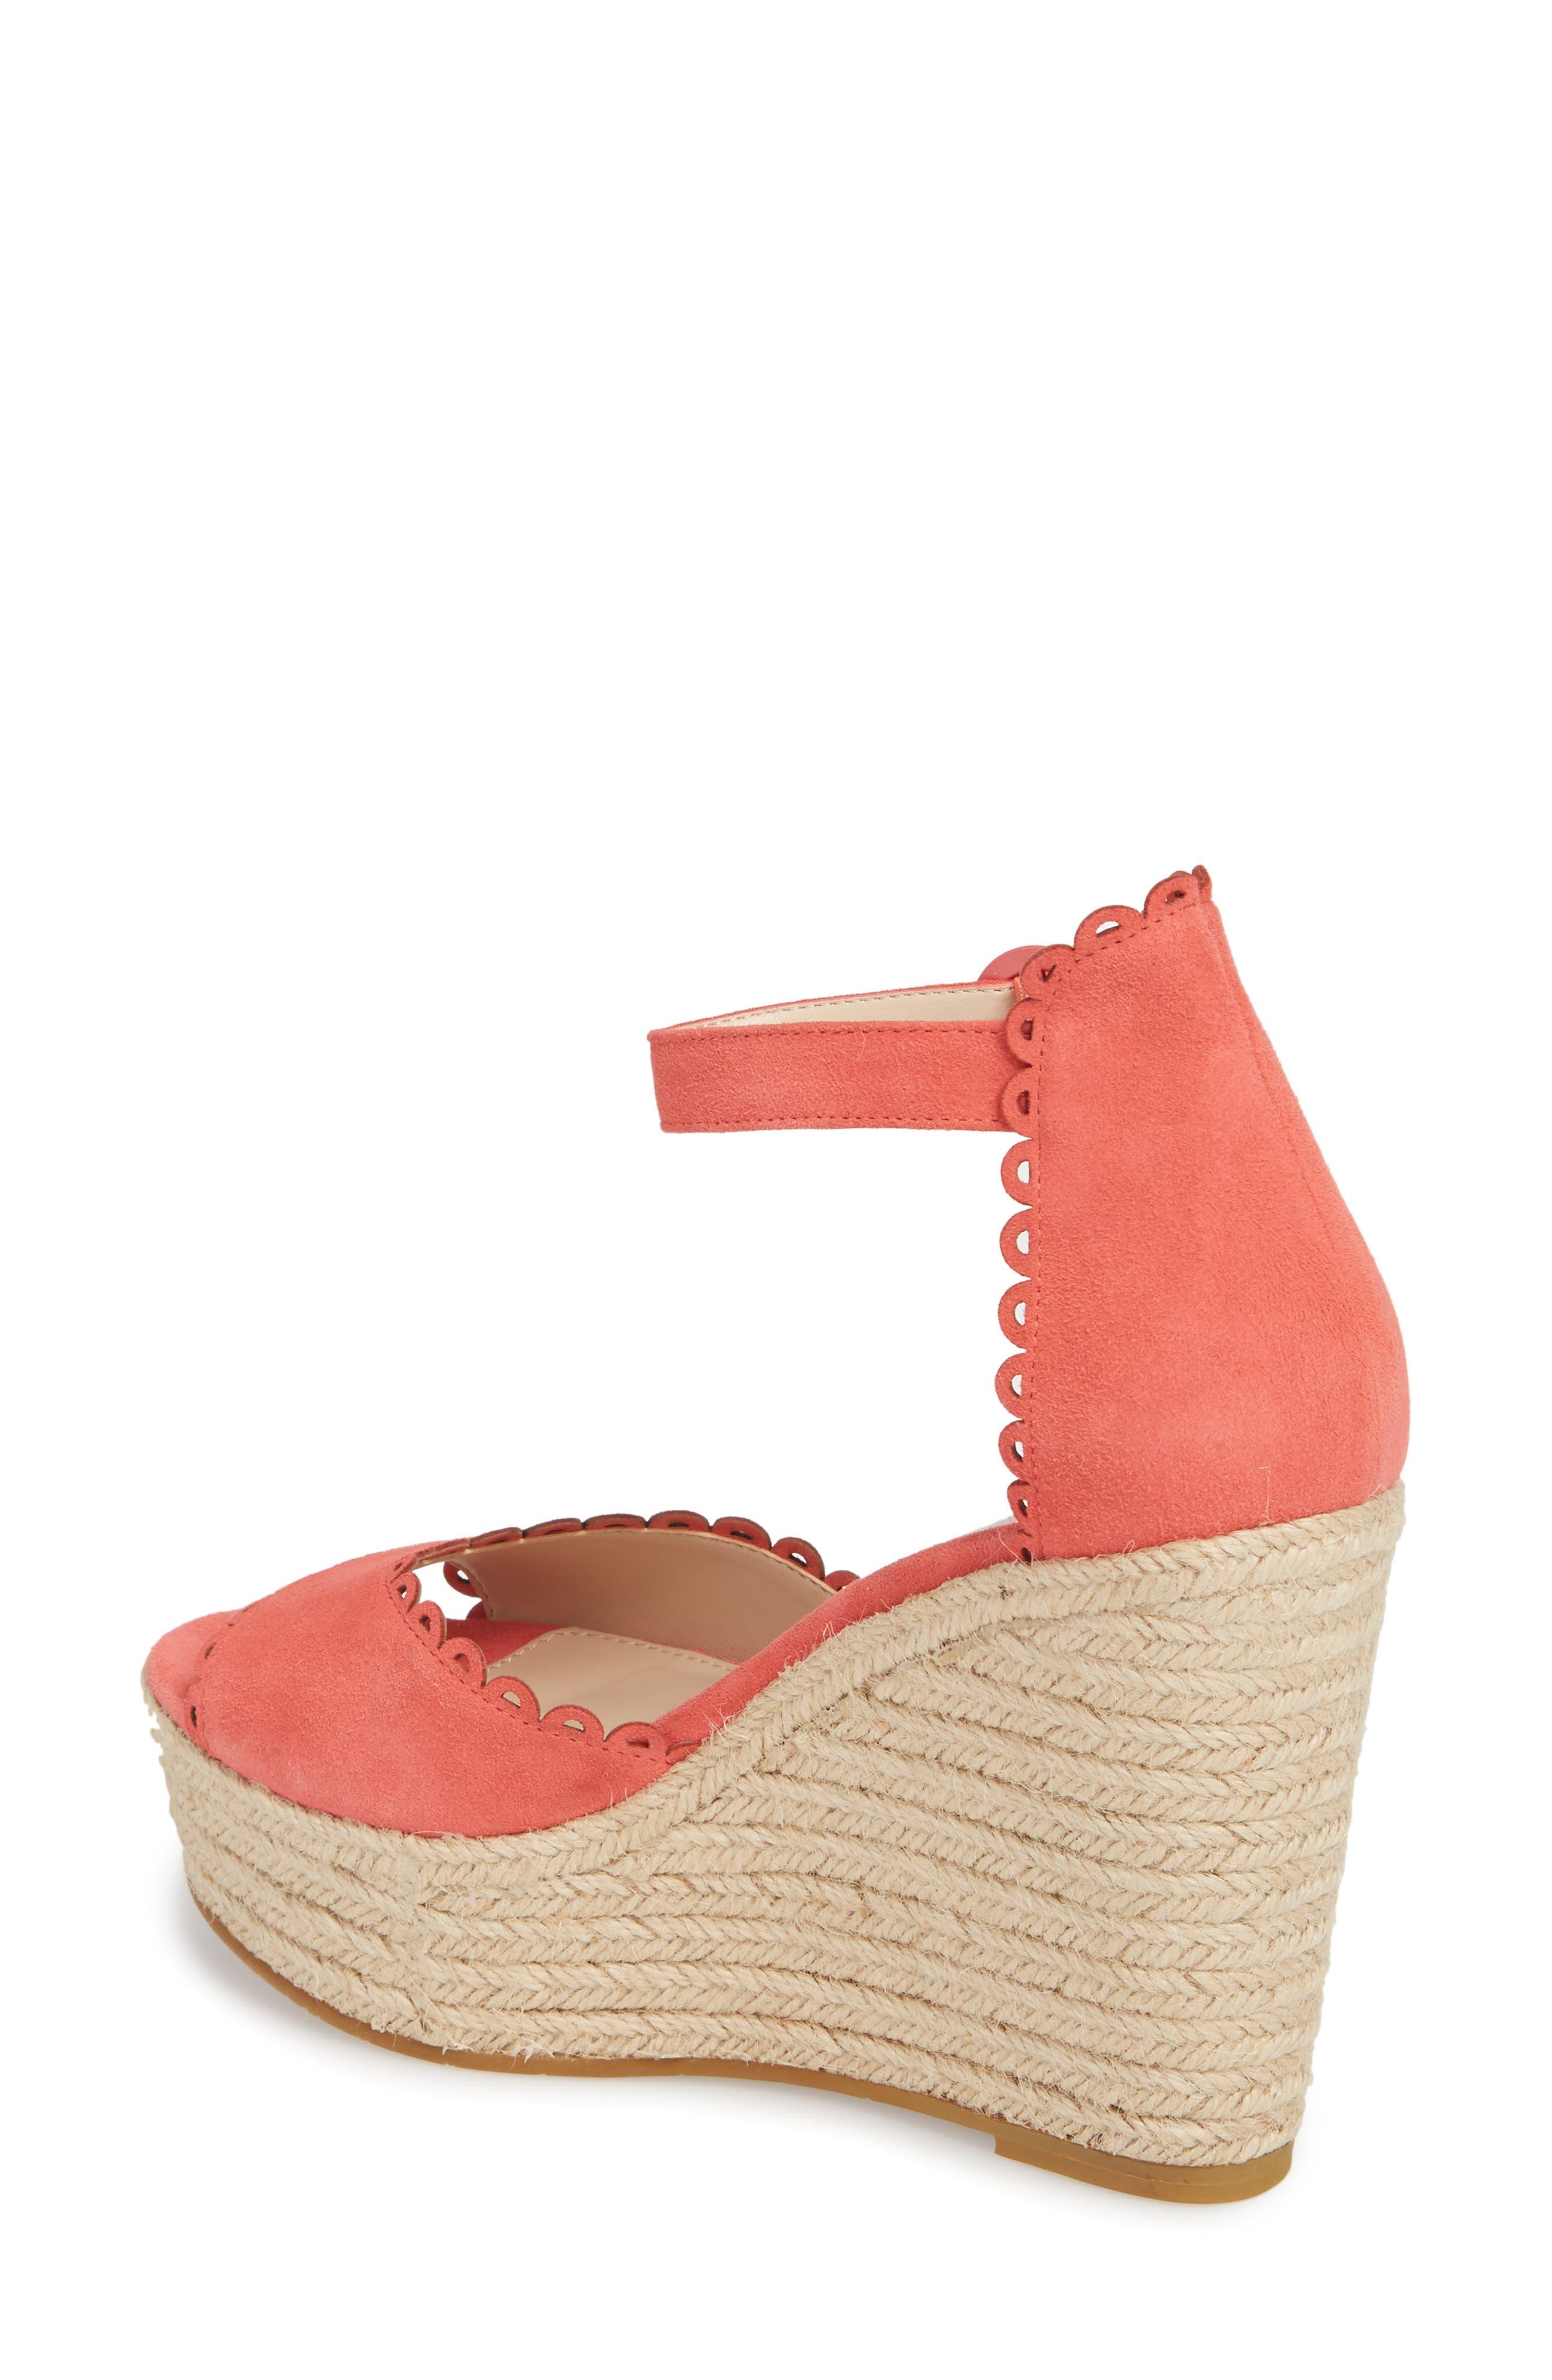 Raine Platform Espadrille Sandal,                             Alternate thumbnail 2, color,                             Flamingo Suede